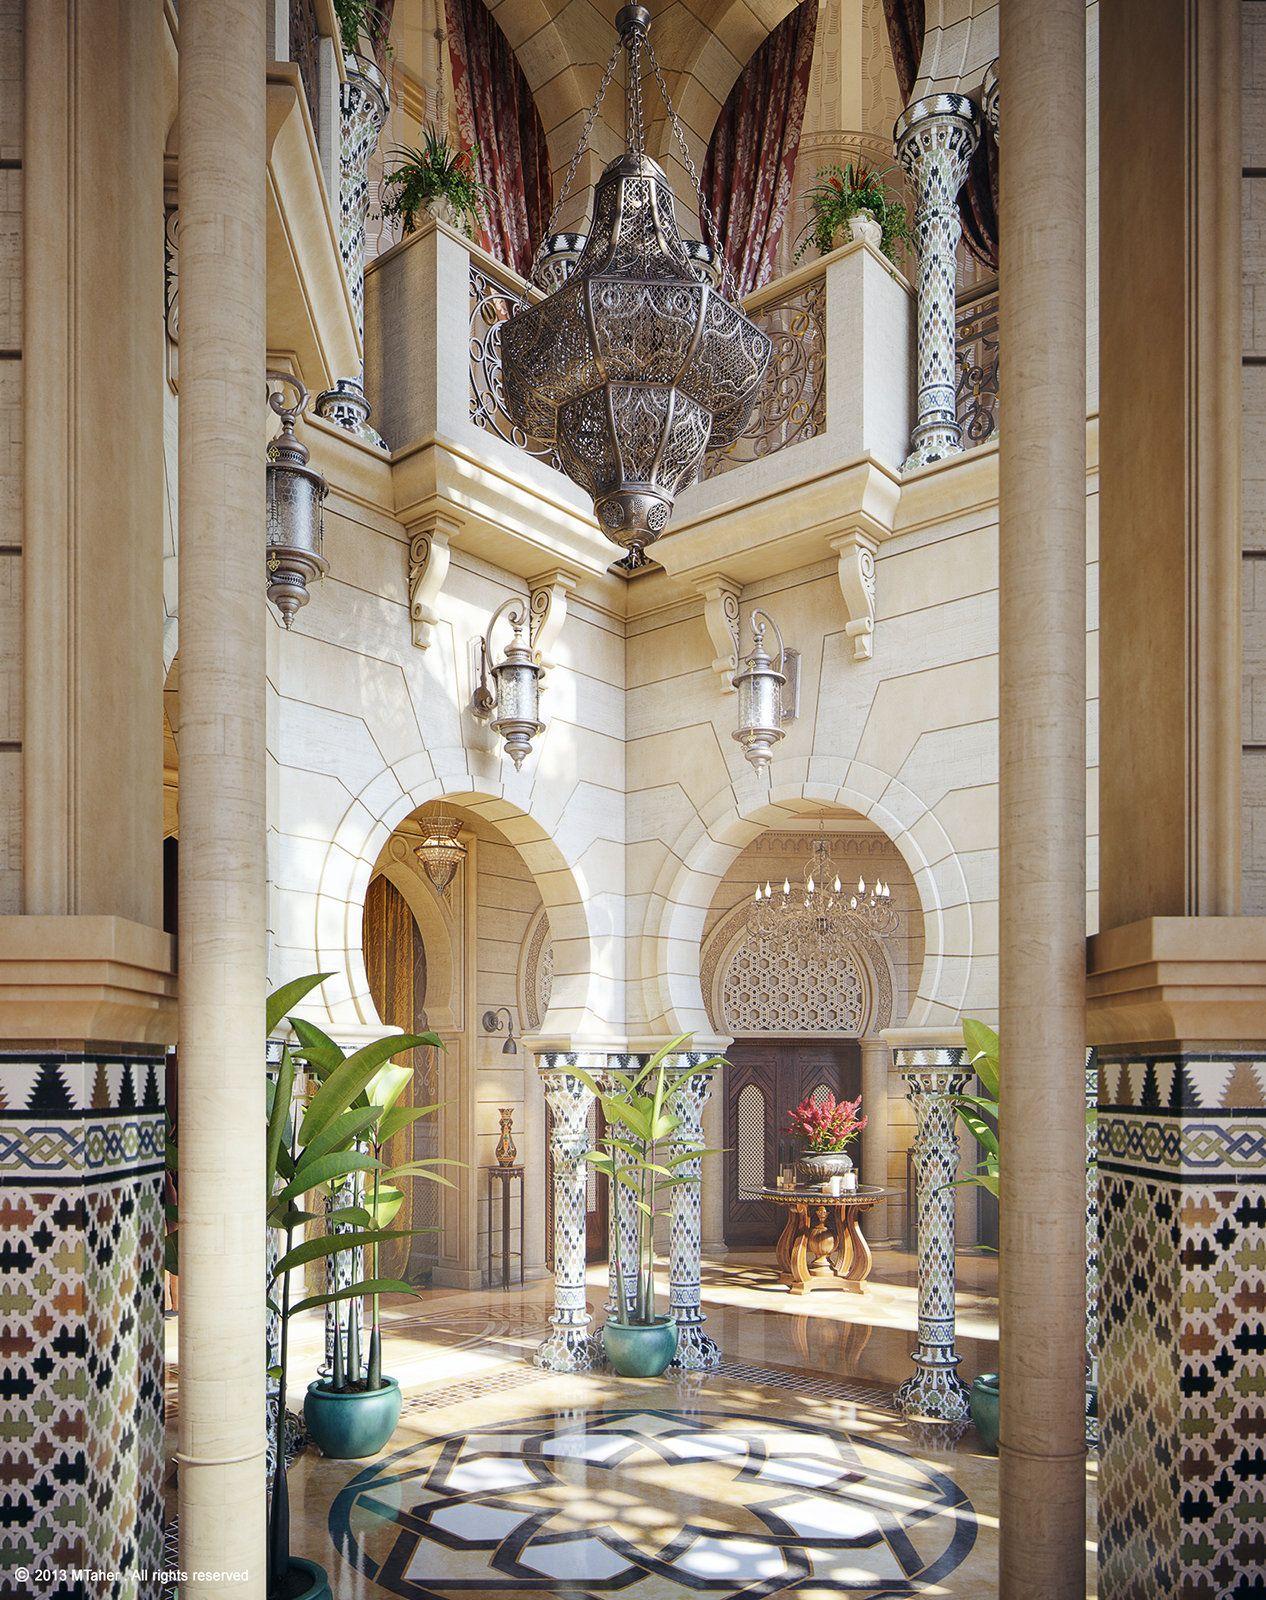 Moroccan Style Interior Design … | Moroccan style interior